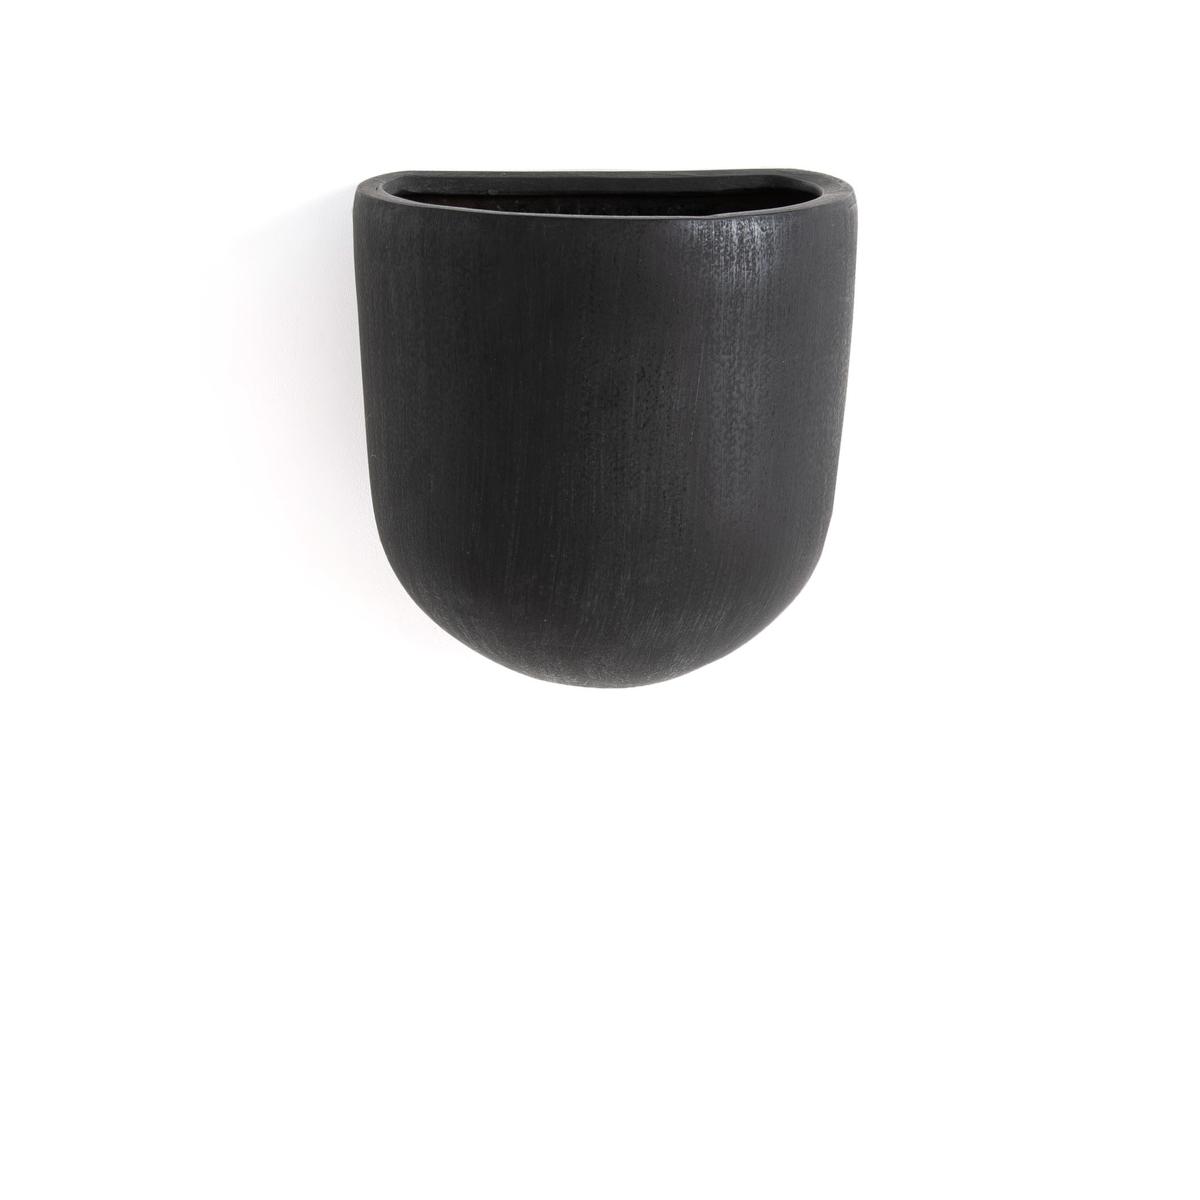 Кашпо La Redoute Настенный из керамики Sira единый размер черный кашпо la redoute из керамики в см euphyllia единый размер синий